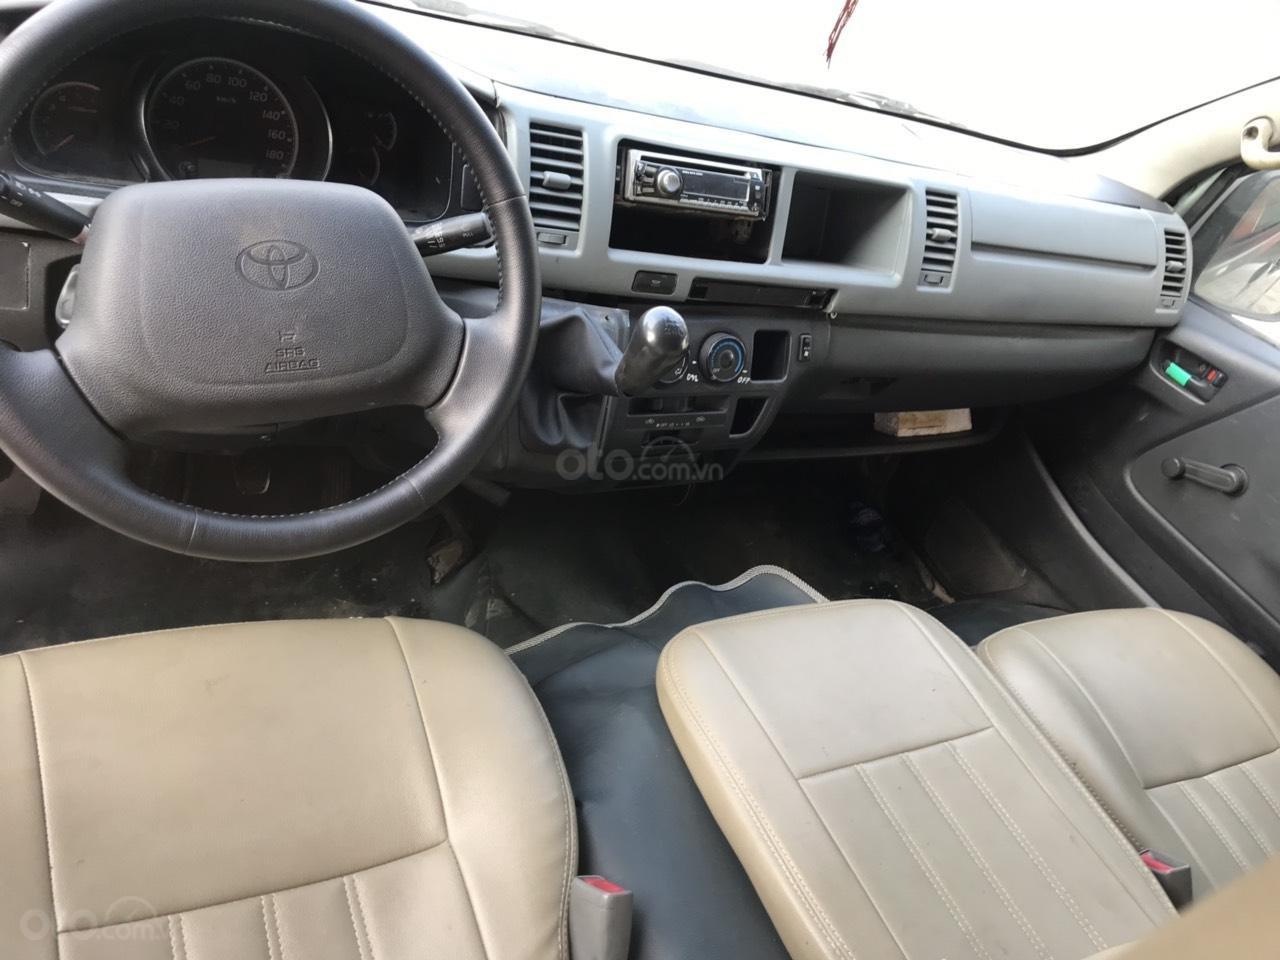 Bán xe Toyota Hiace 2.5 đời 2007, màu bạc (5)